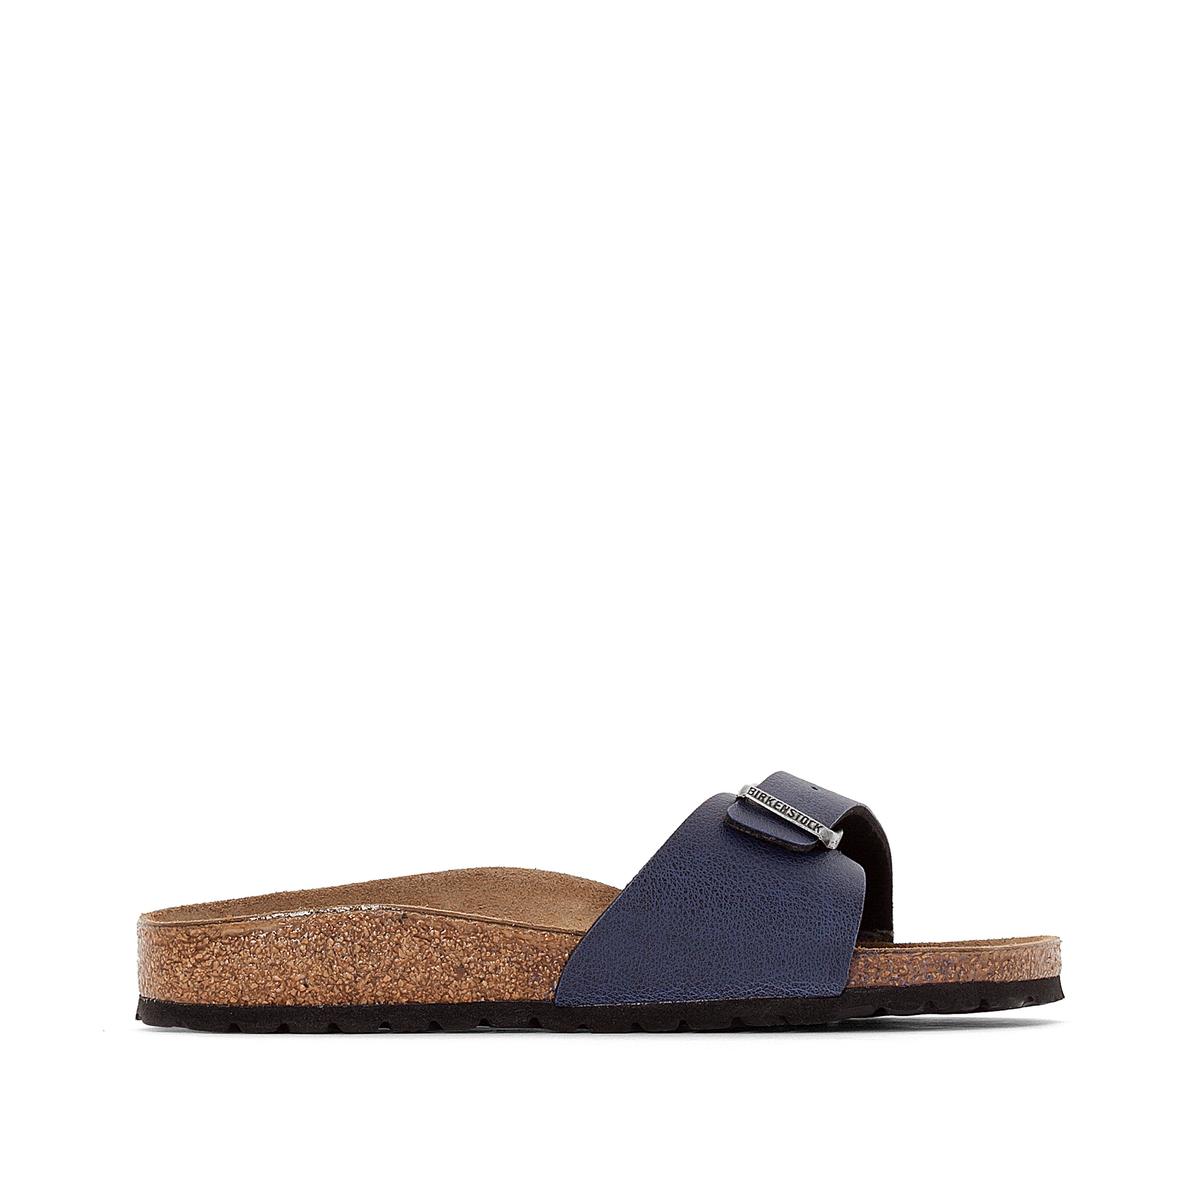 Туфли без задника с эффектом пуллап MADRIDВерх : синтетический материал (Birko-Flor)           Подкладка : фетр         Стелька : велюровая кожа         Подошва : ЭВА         Застежка : без застежки<br><br>Цвет: темно-синий